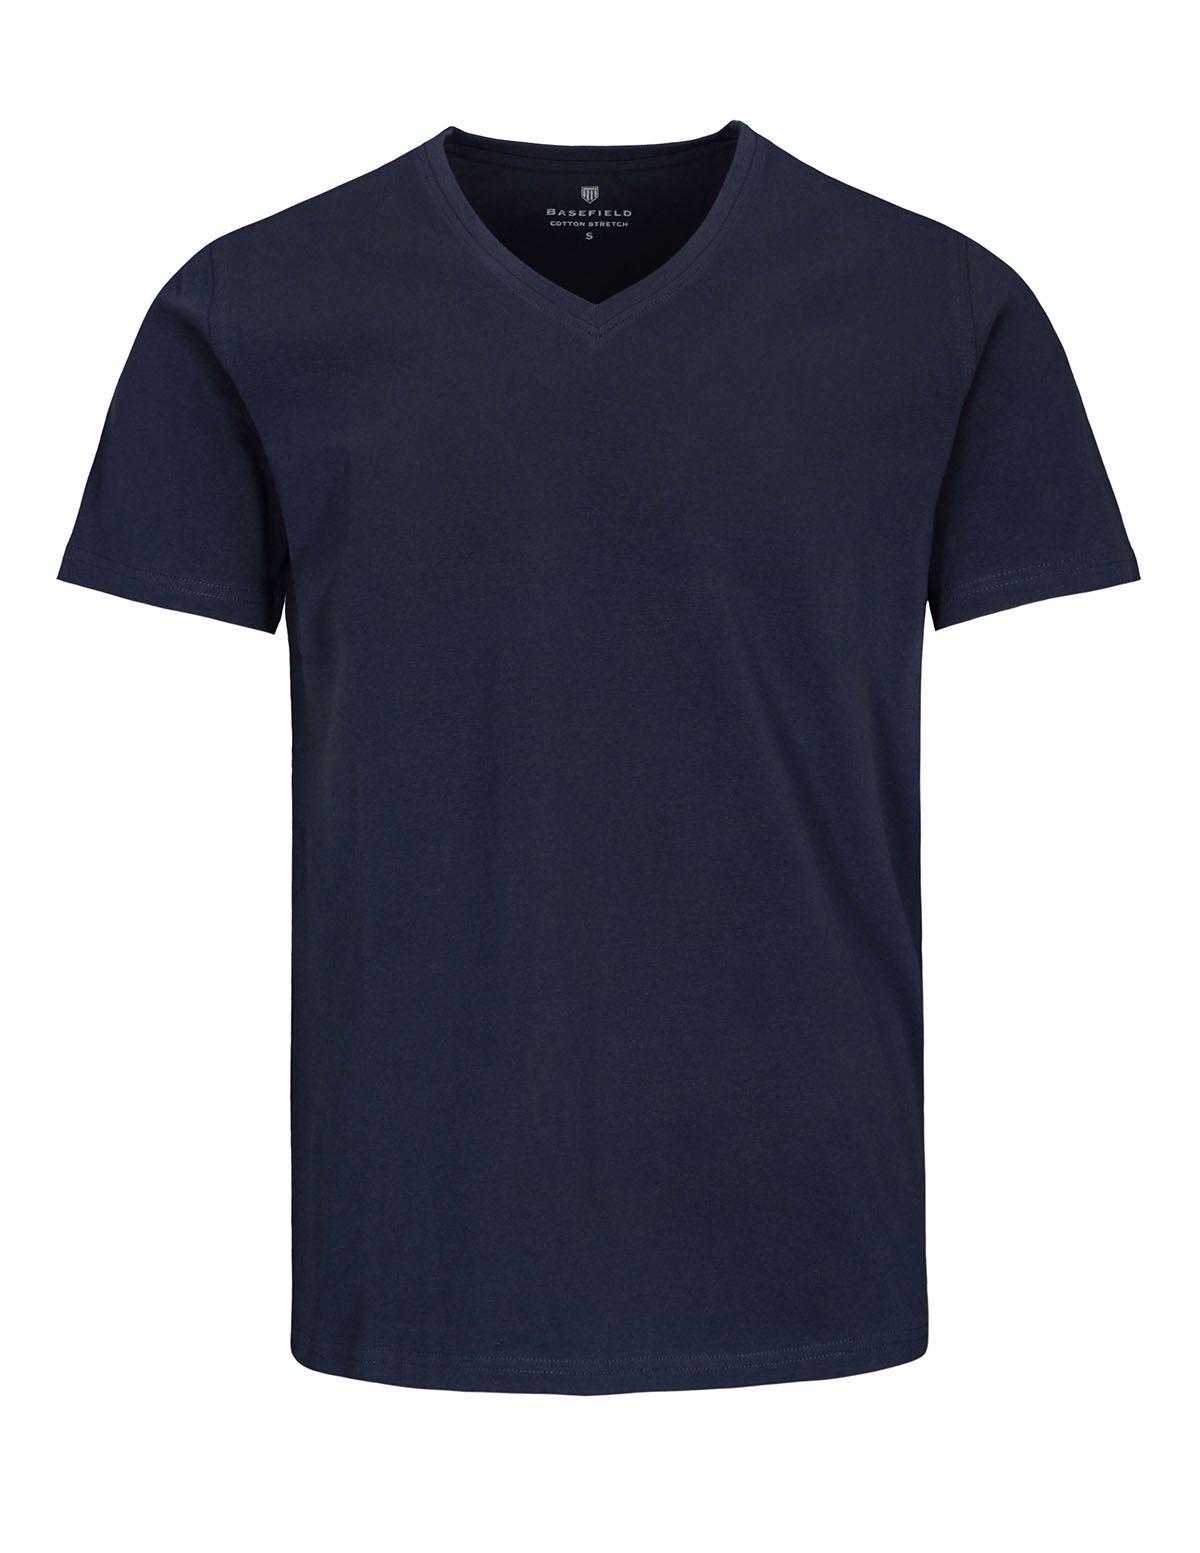 219011520-navy__shirt__all